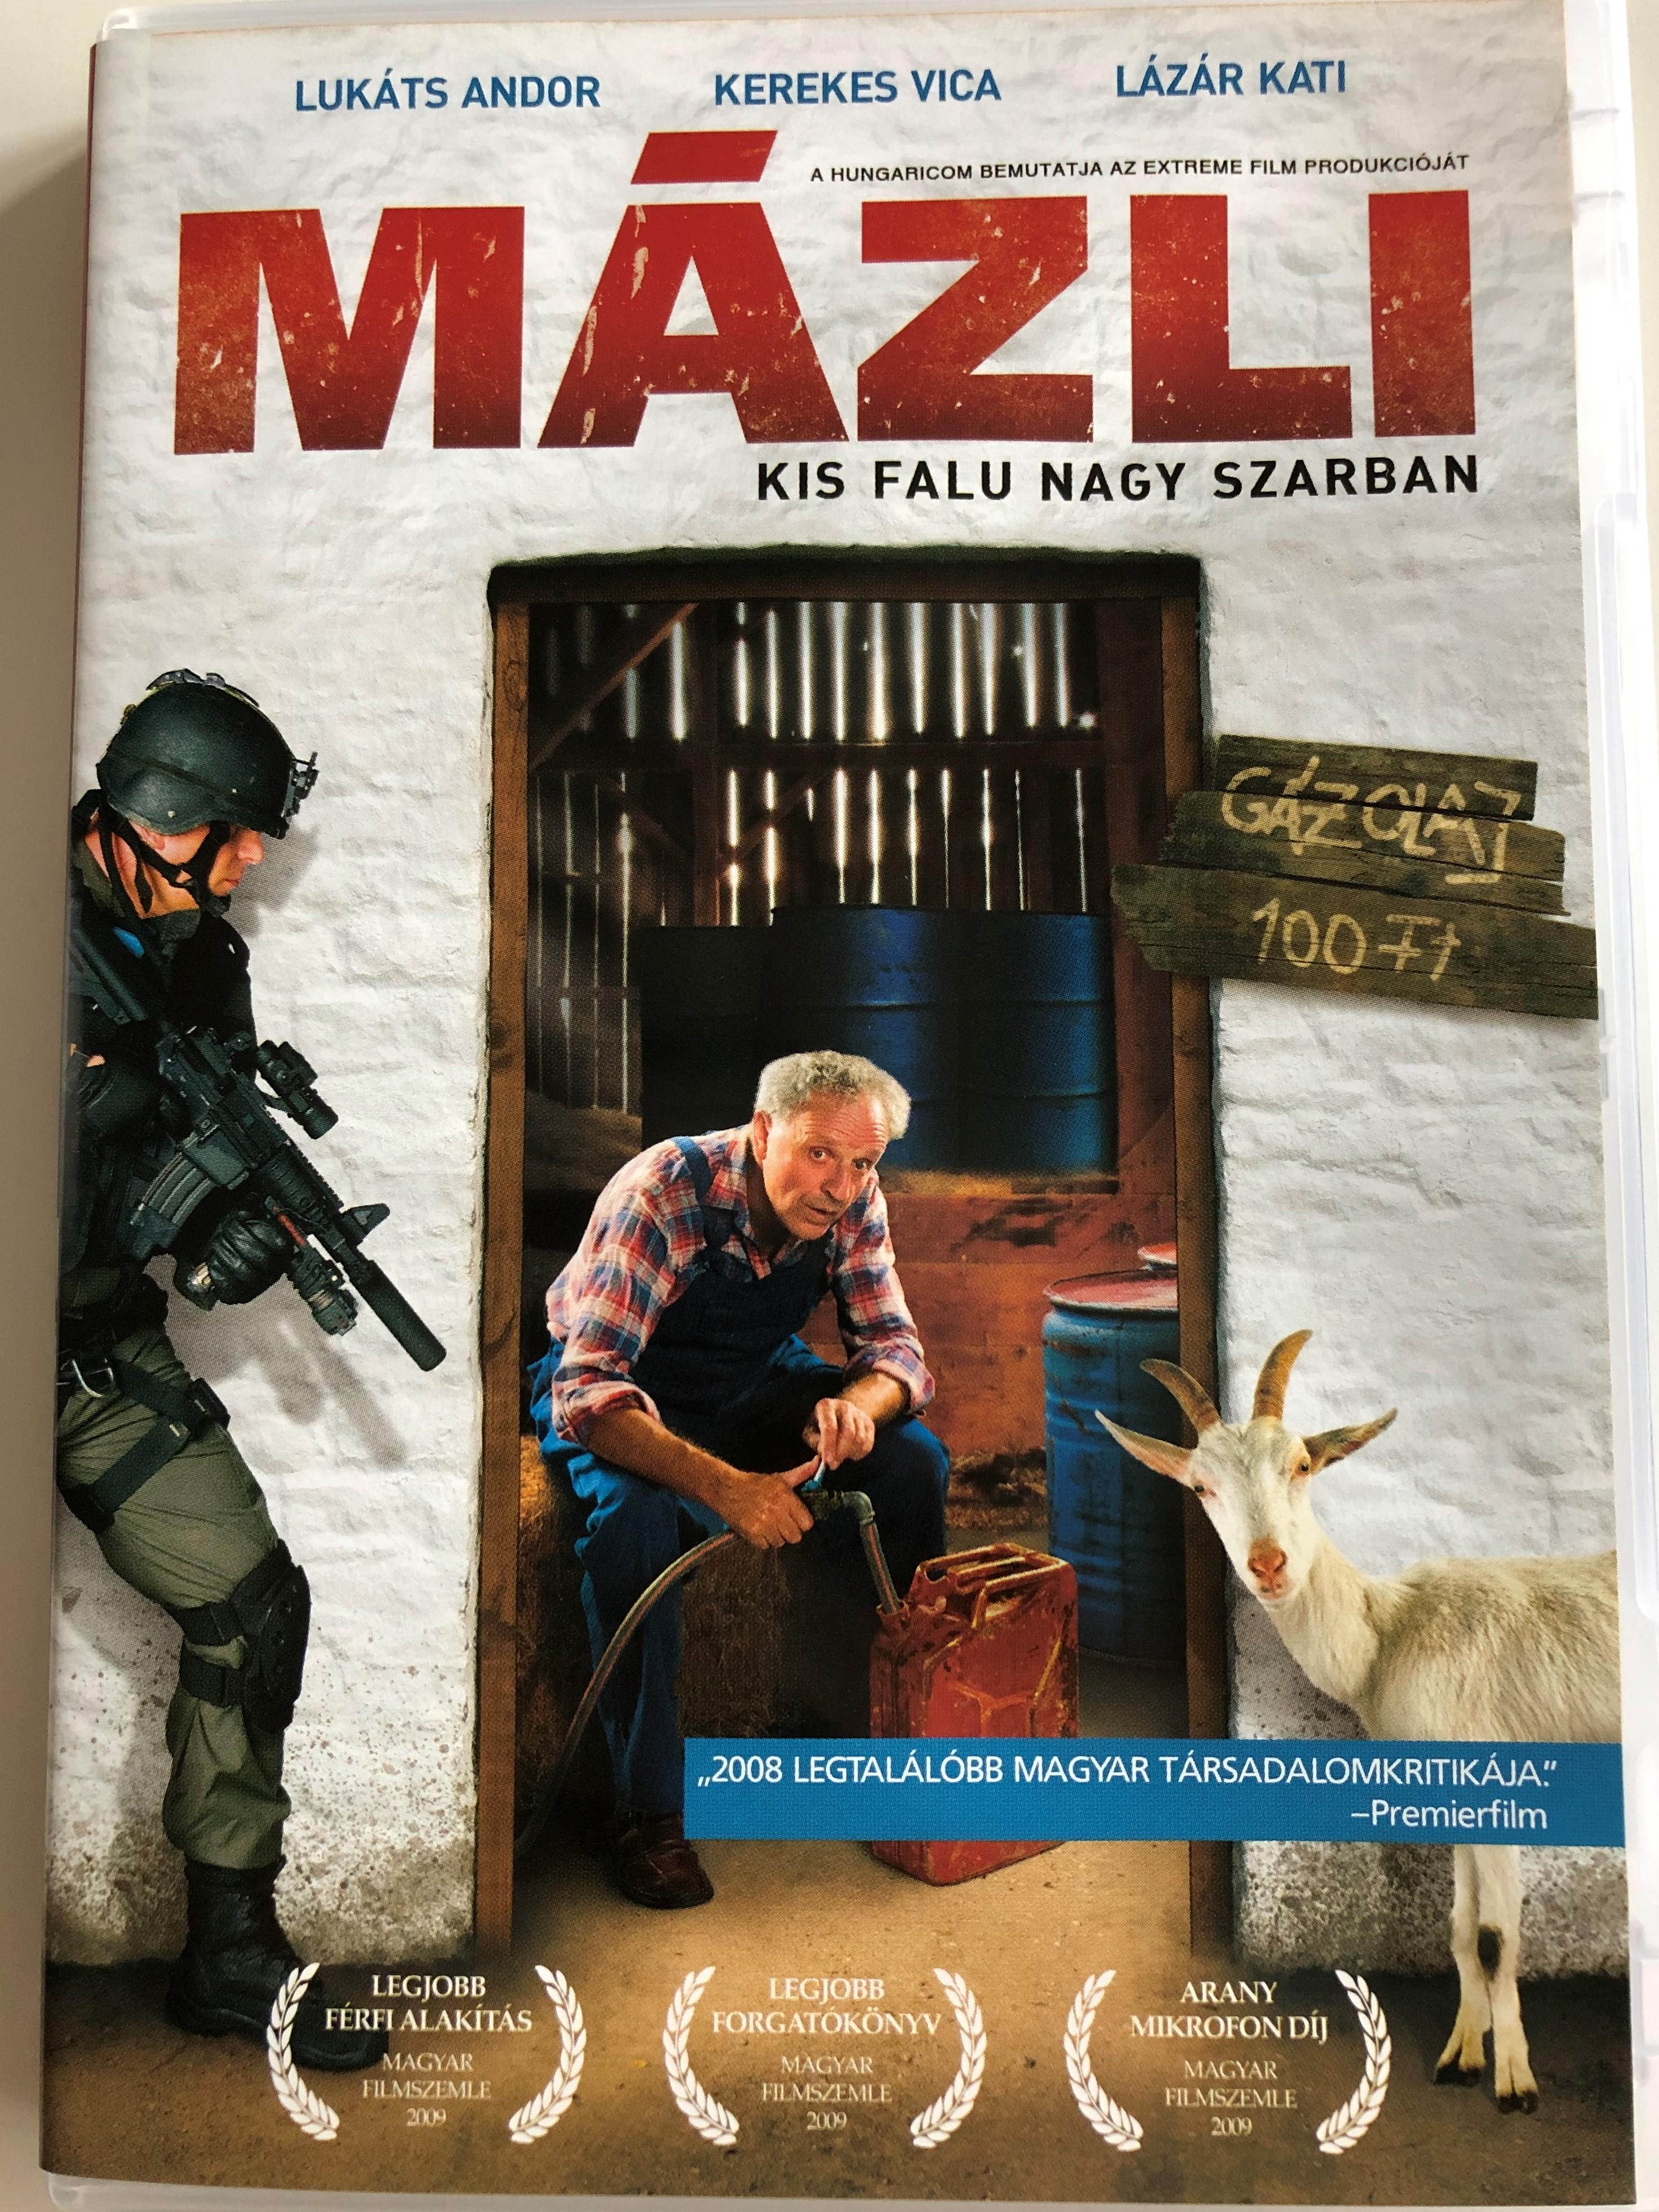 fluke-dvd-2008-m-zli-directed-by-kem-nyffy-tam-s-1.jpg